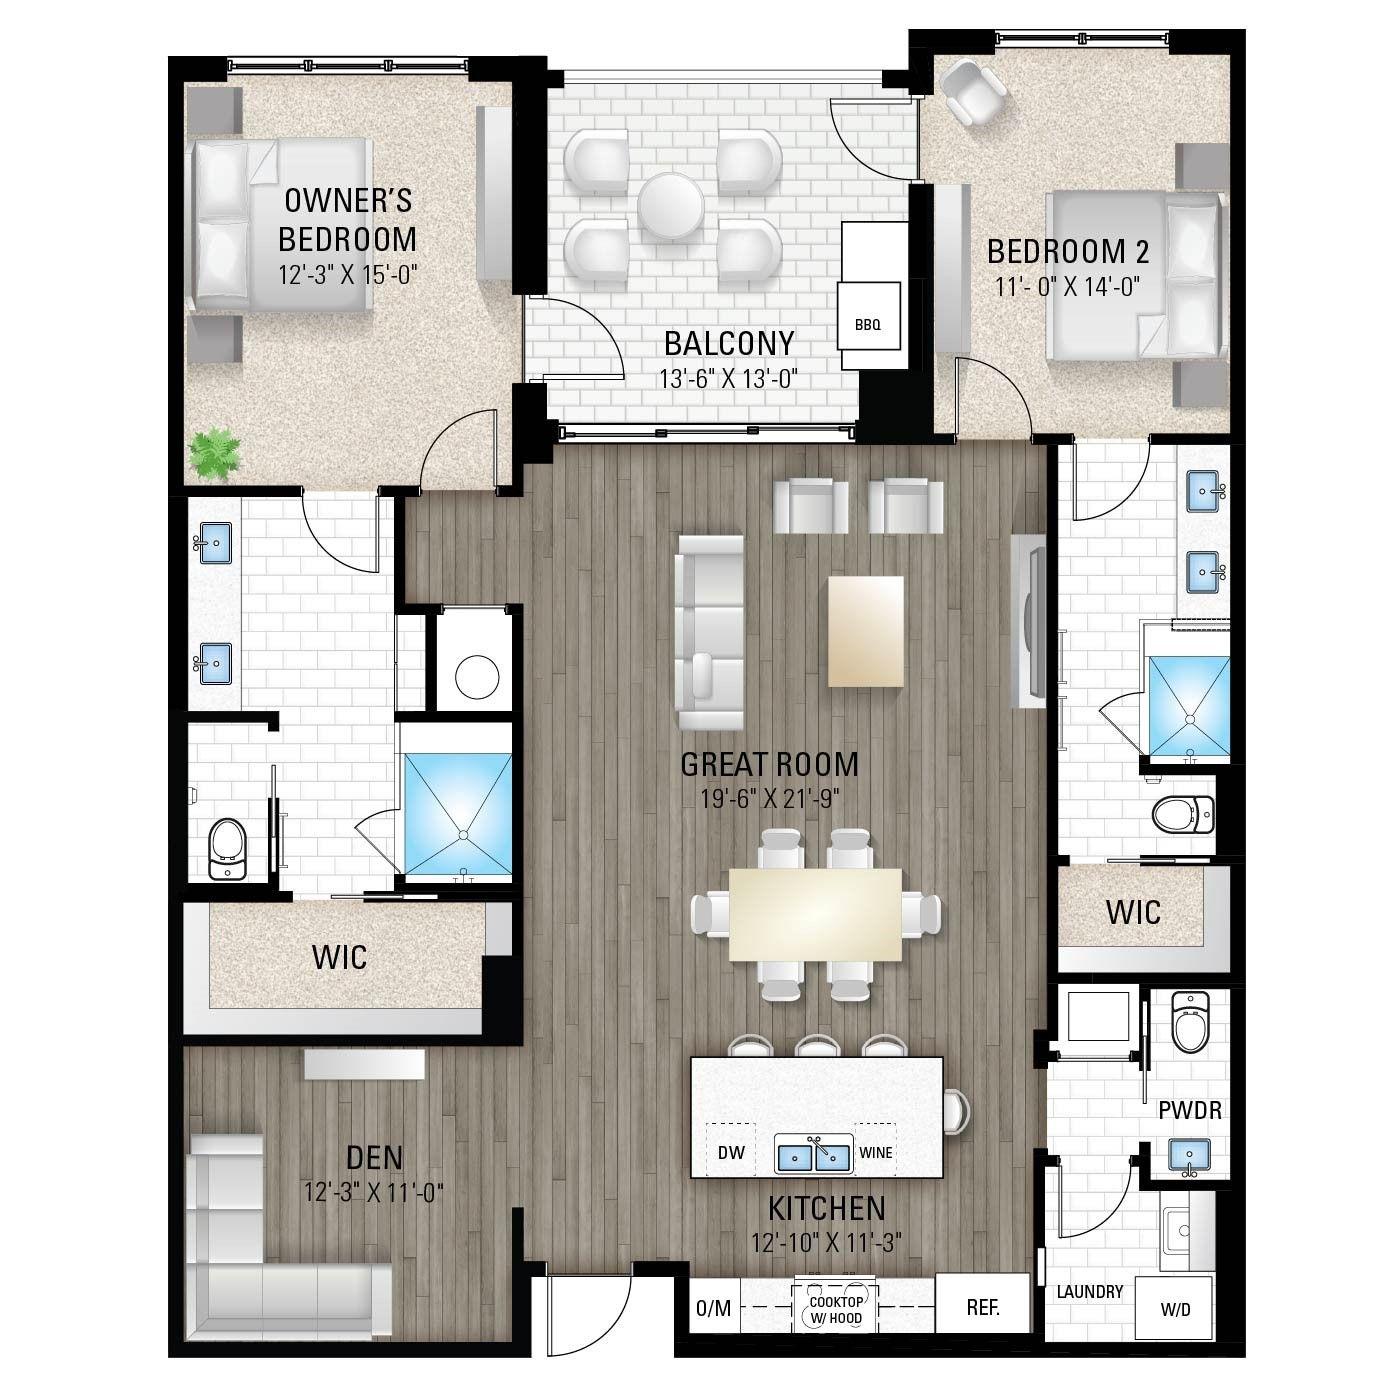 The Acacia:2 Bedrooms / 2.5 Baths / Den